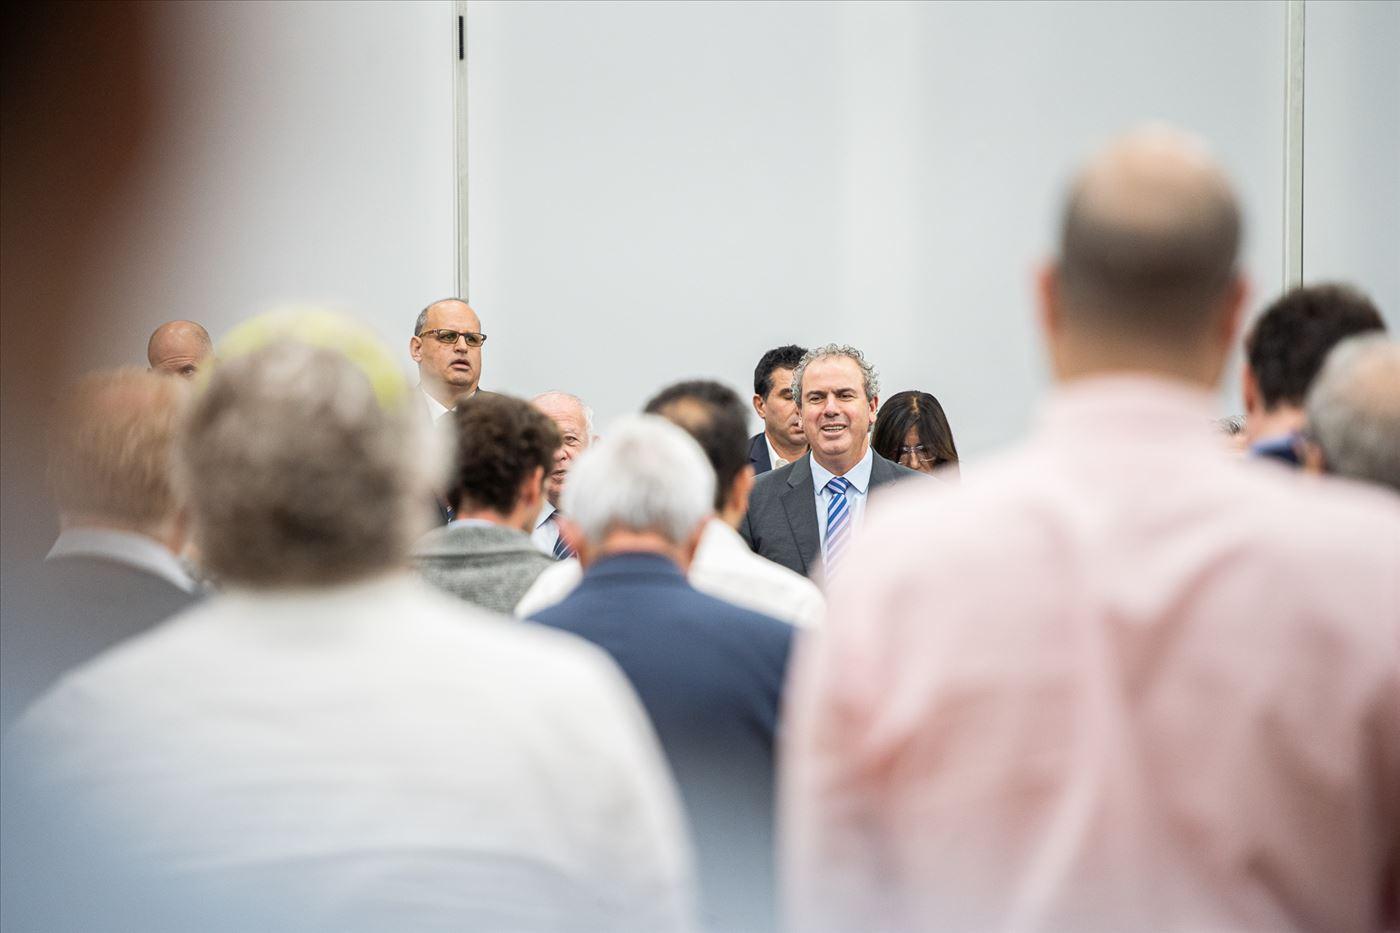 גלרייה - האסיפה הכללית ה-70 תמונה 186 מתוך 239